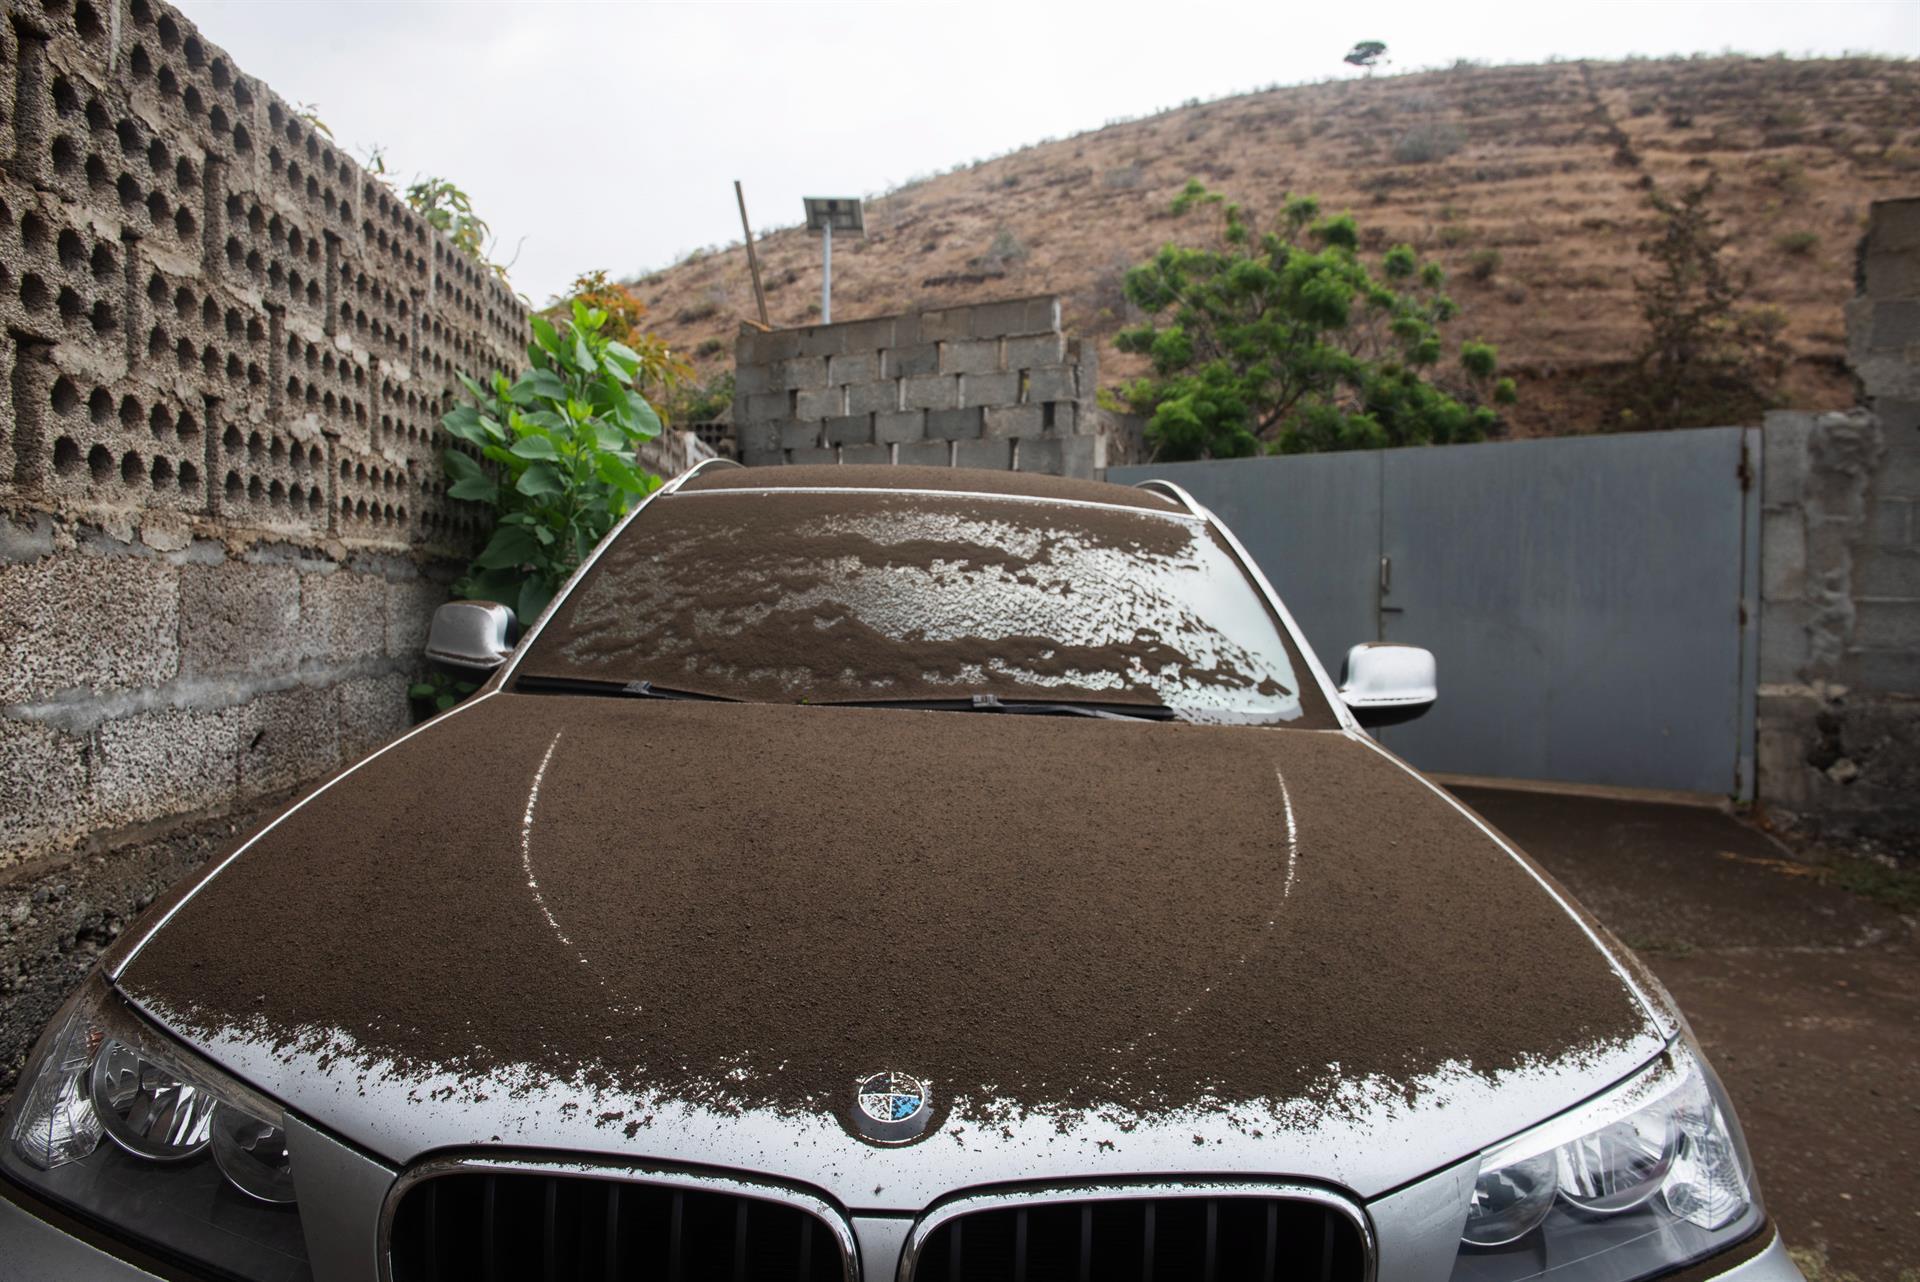 carro coberto de fuligem do vulcão cumbre vieja